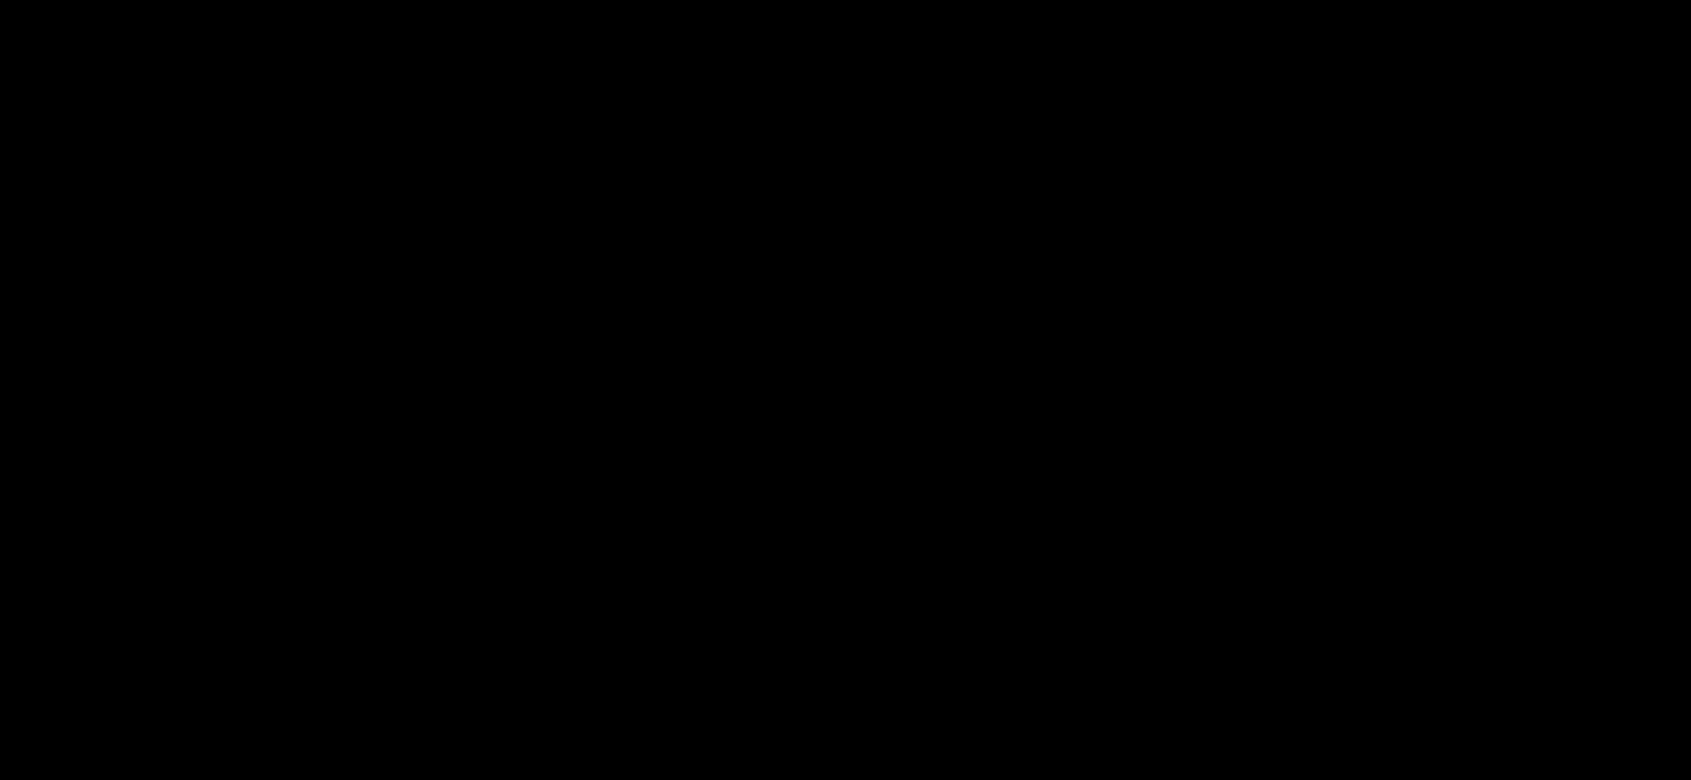 7-β-D-Glucopyranosyloxycoumarin-4-acetic acid